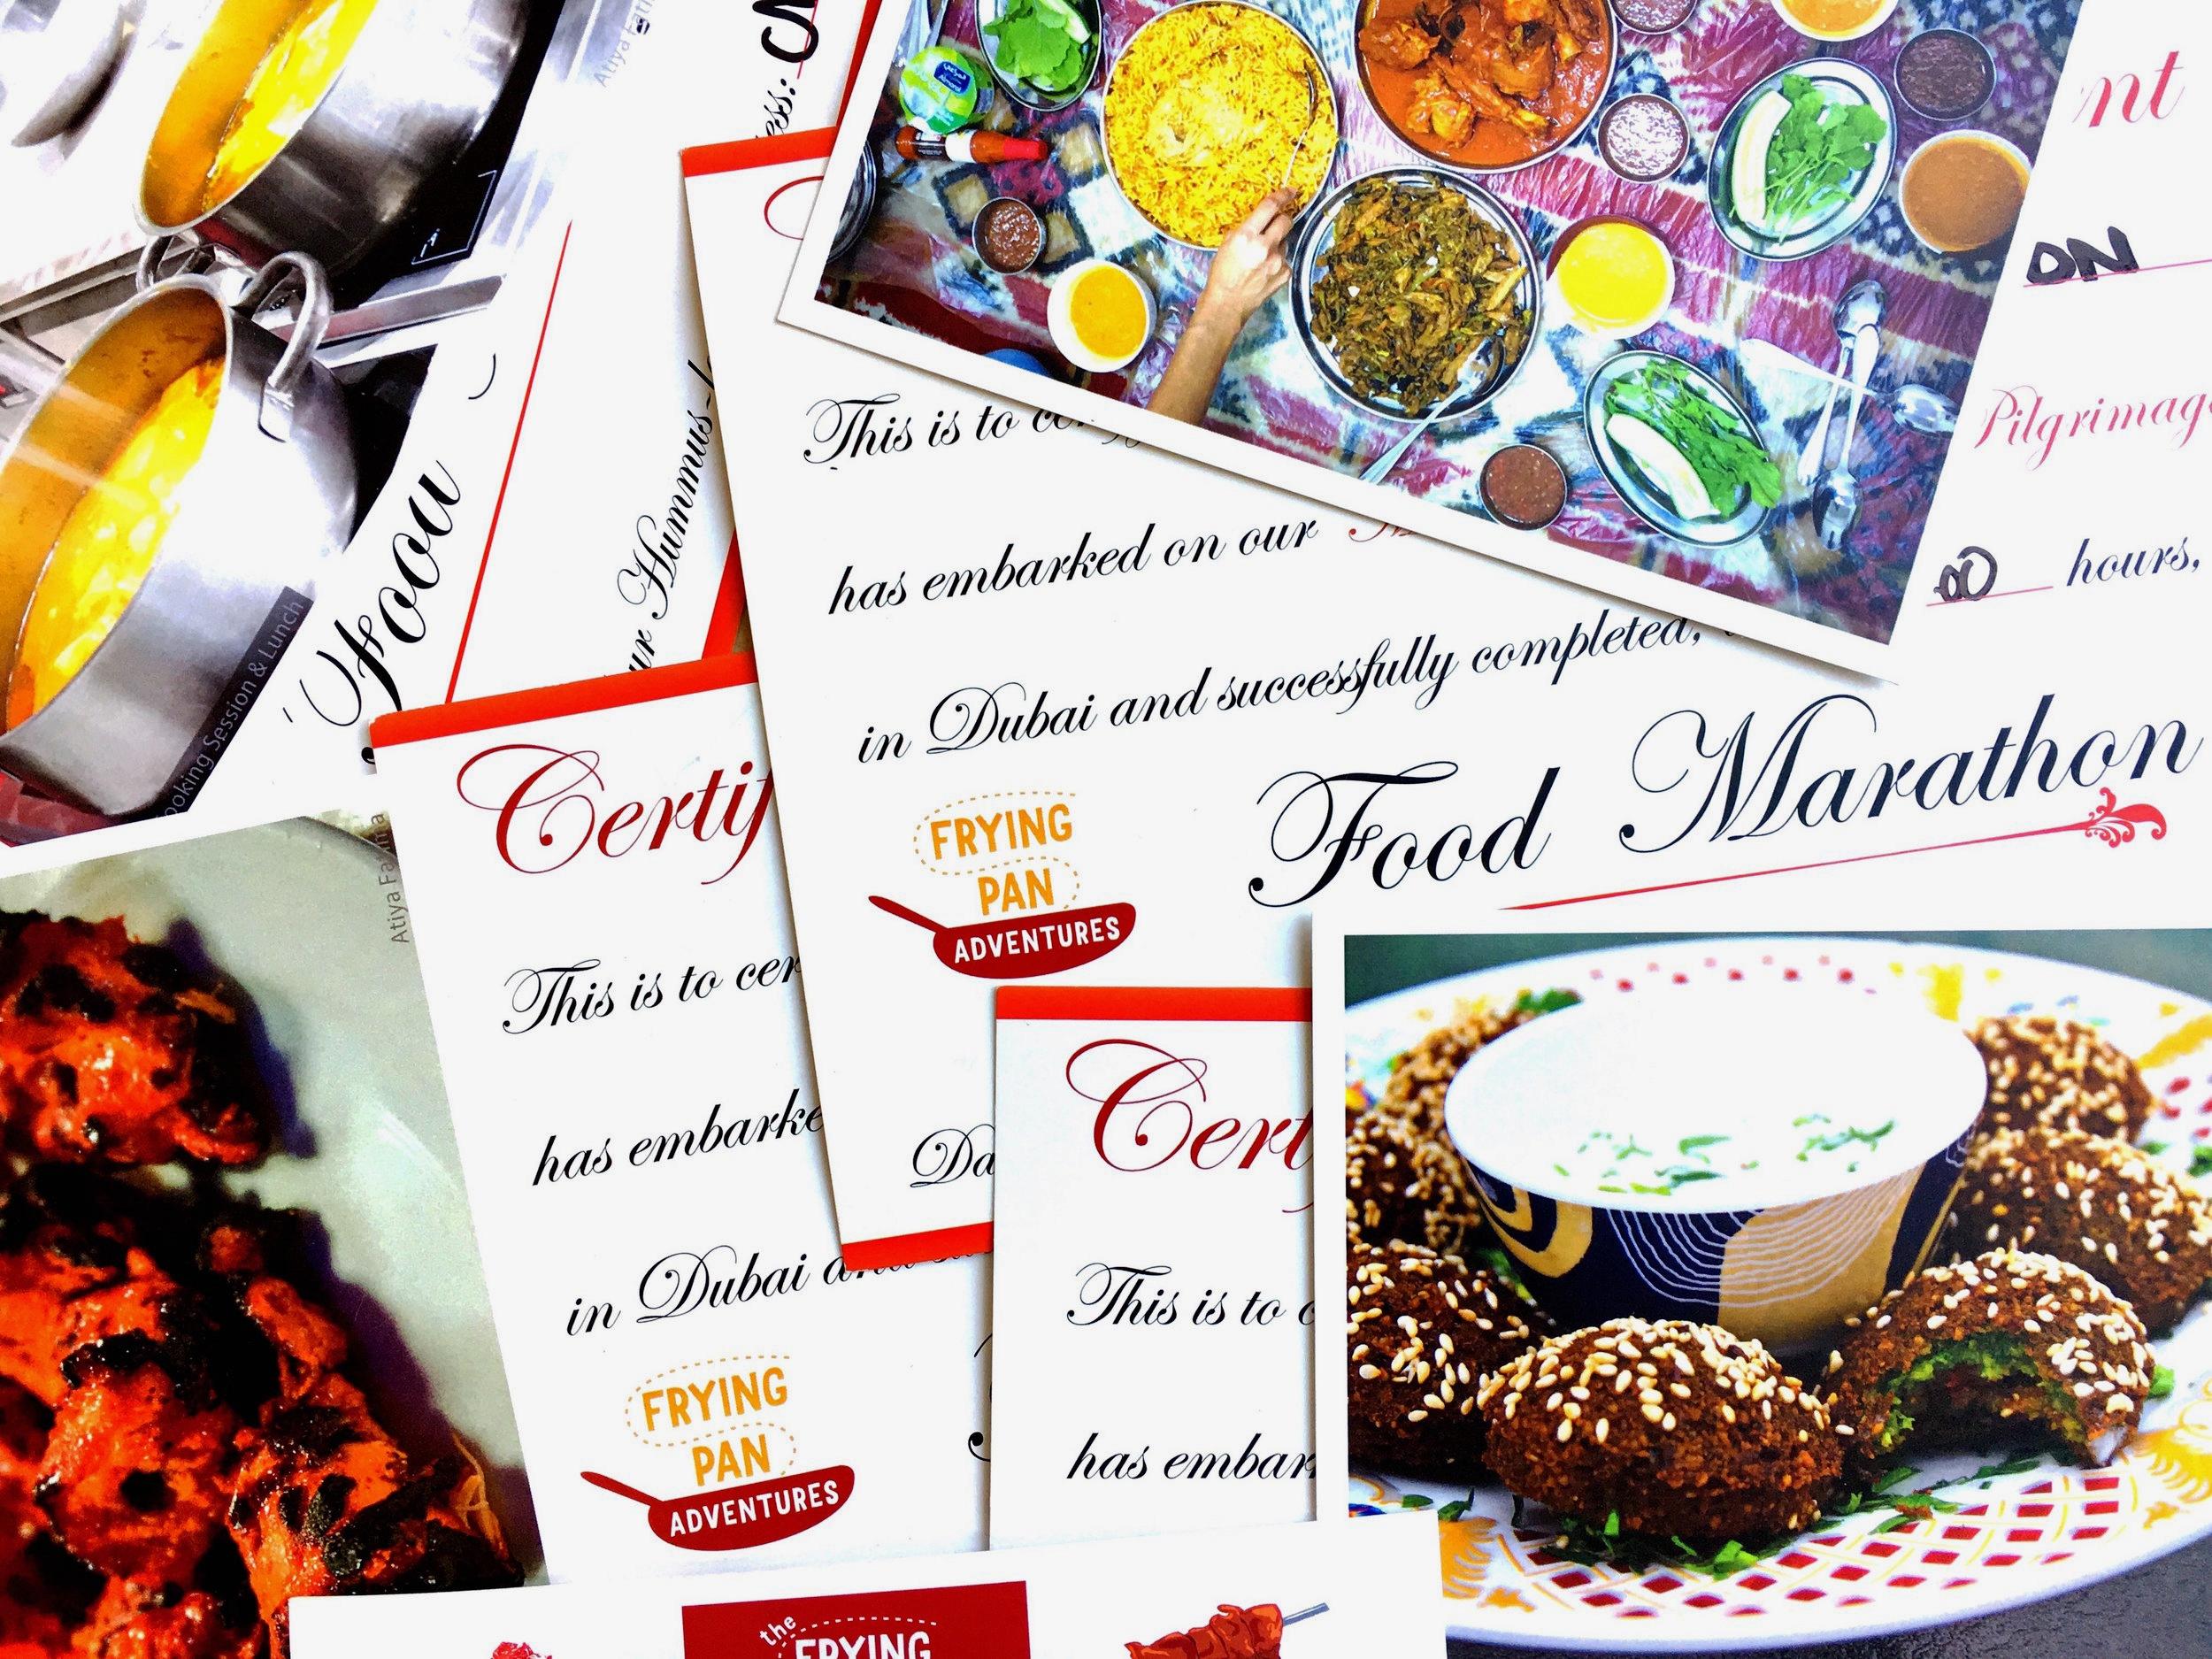 Frying Pan Adventures Food Marathon